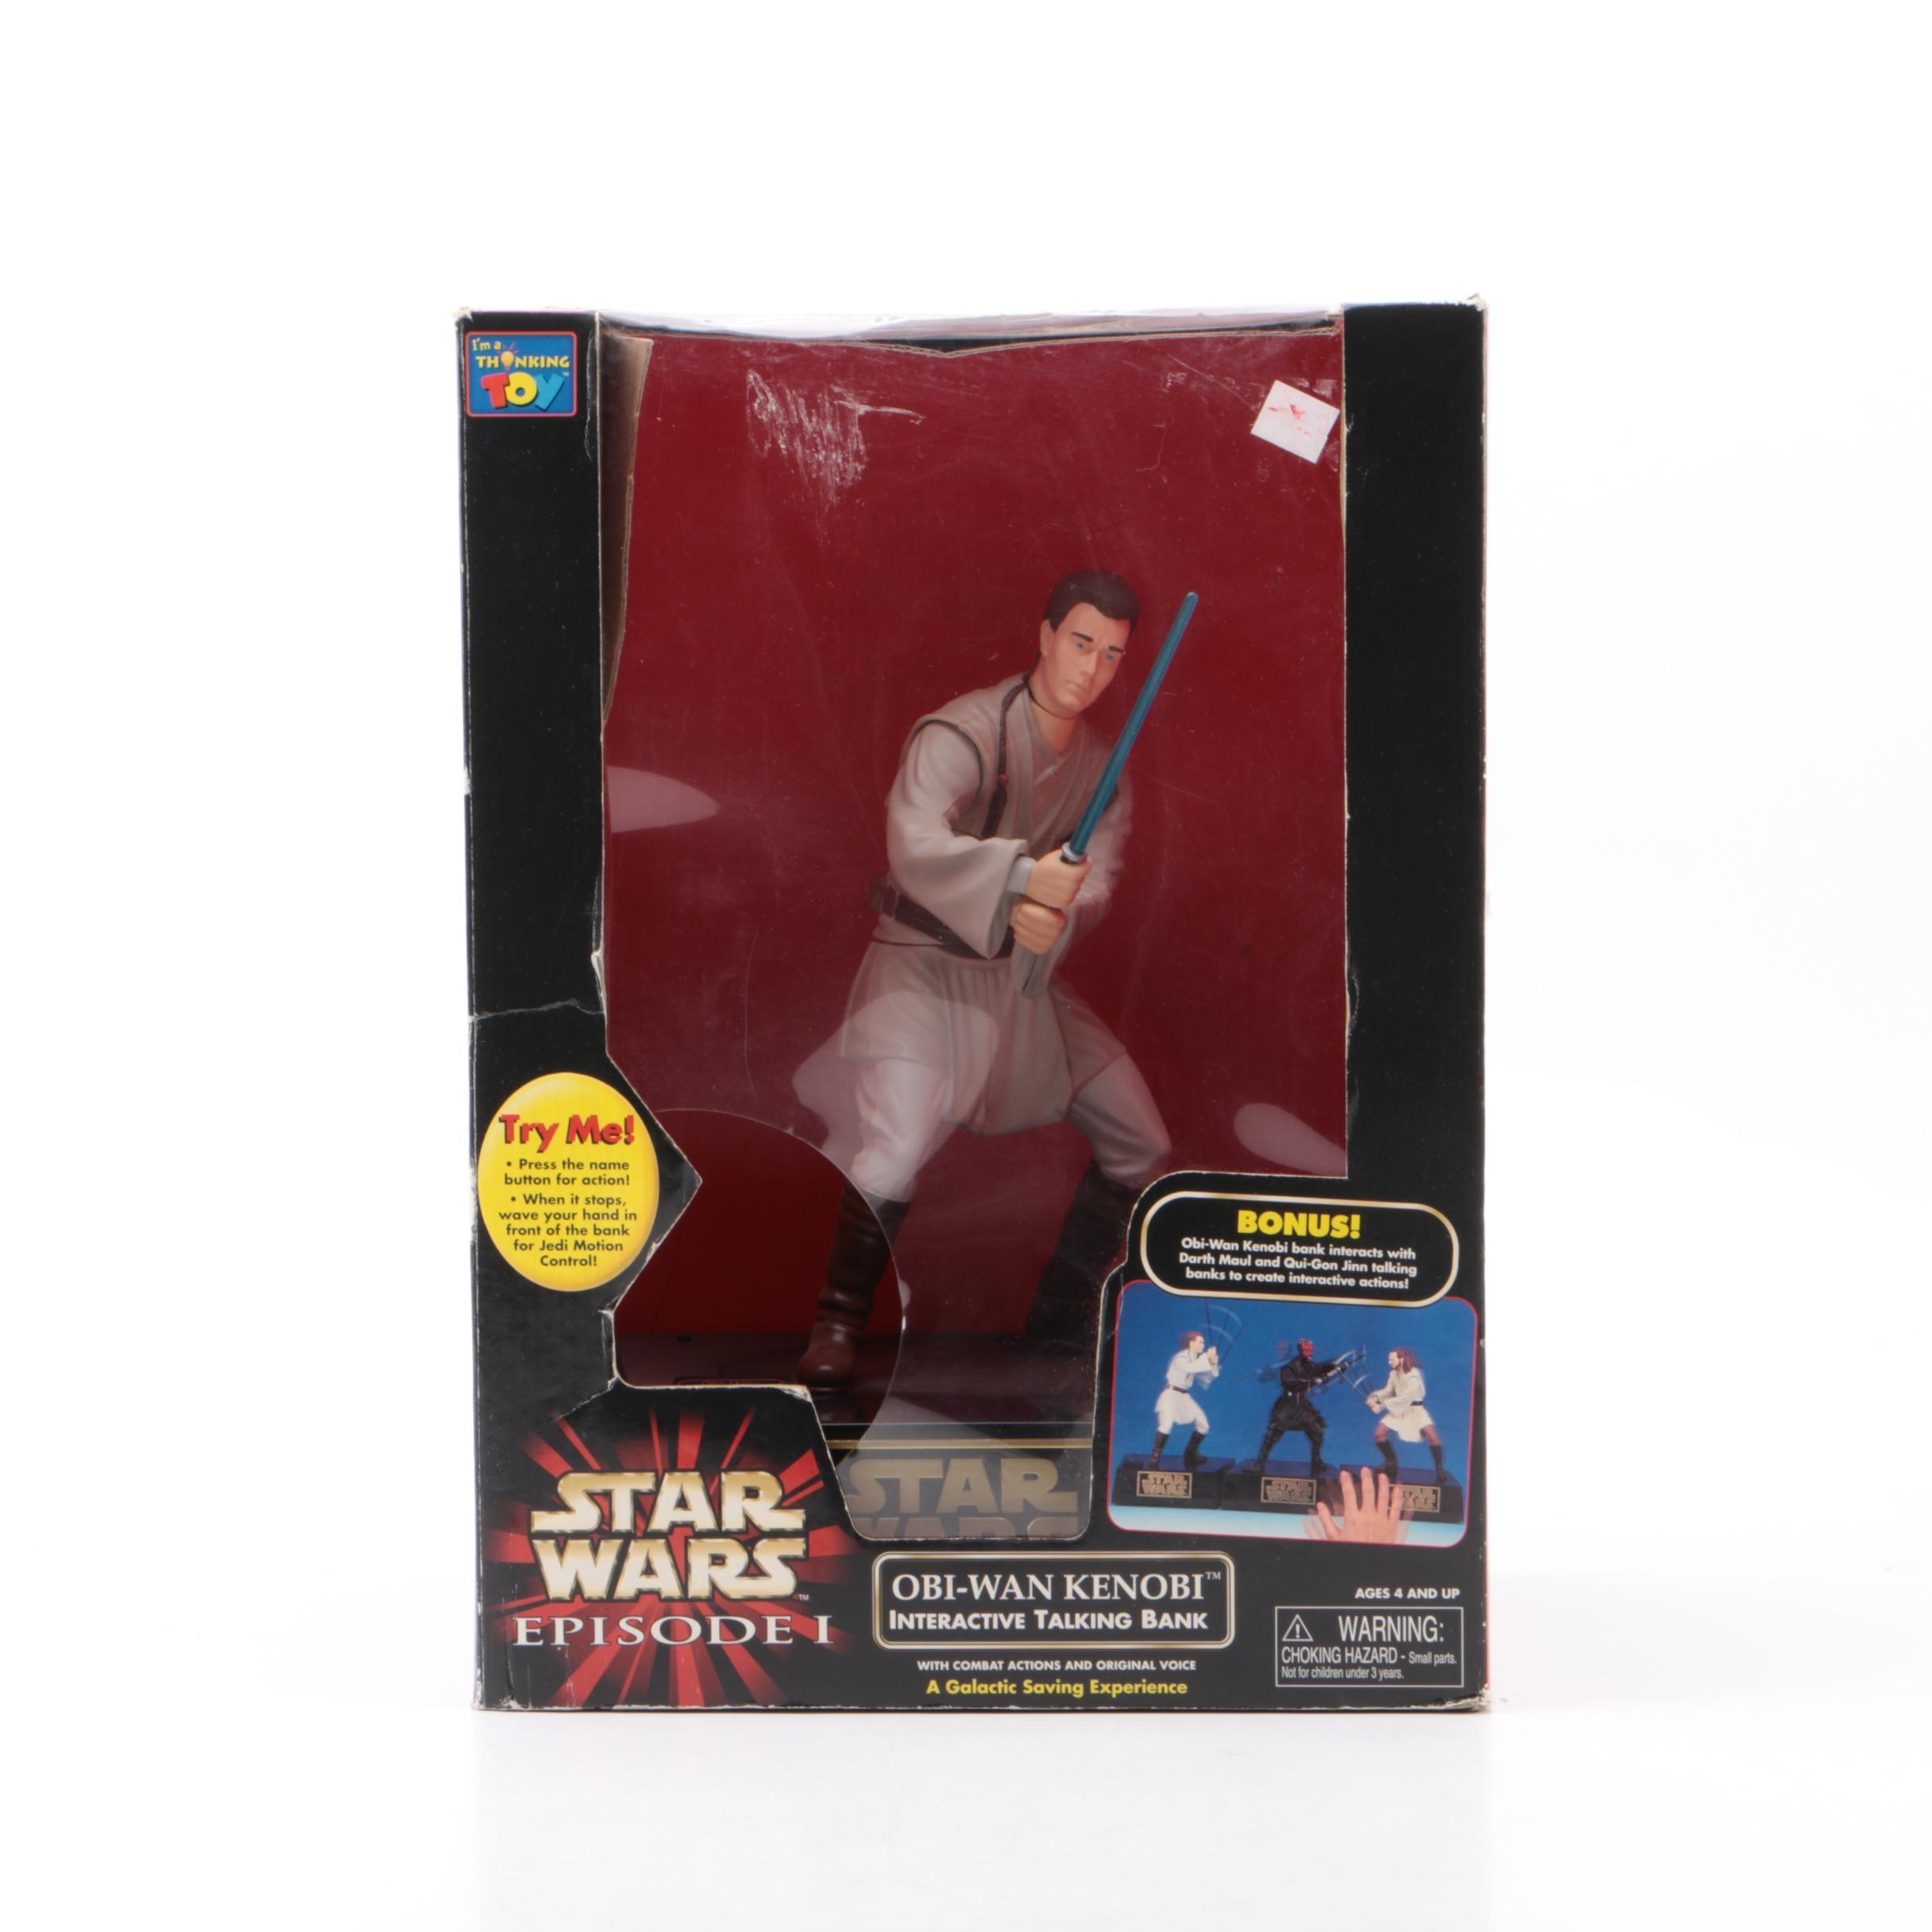 Star Wars Episode I Obi-Wan Kenobi Interactive Taking Coin Bank